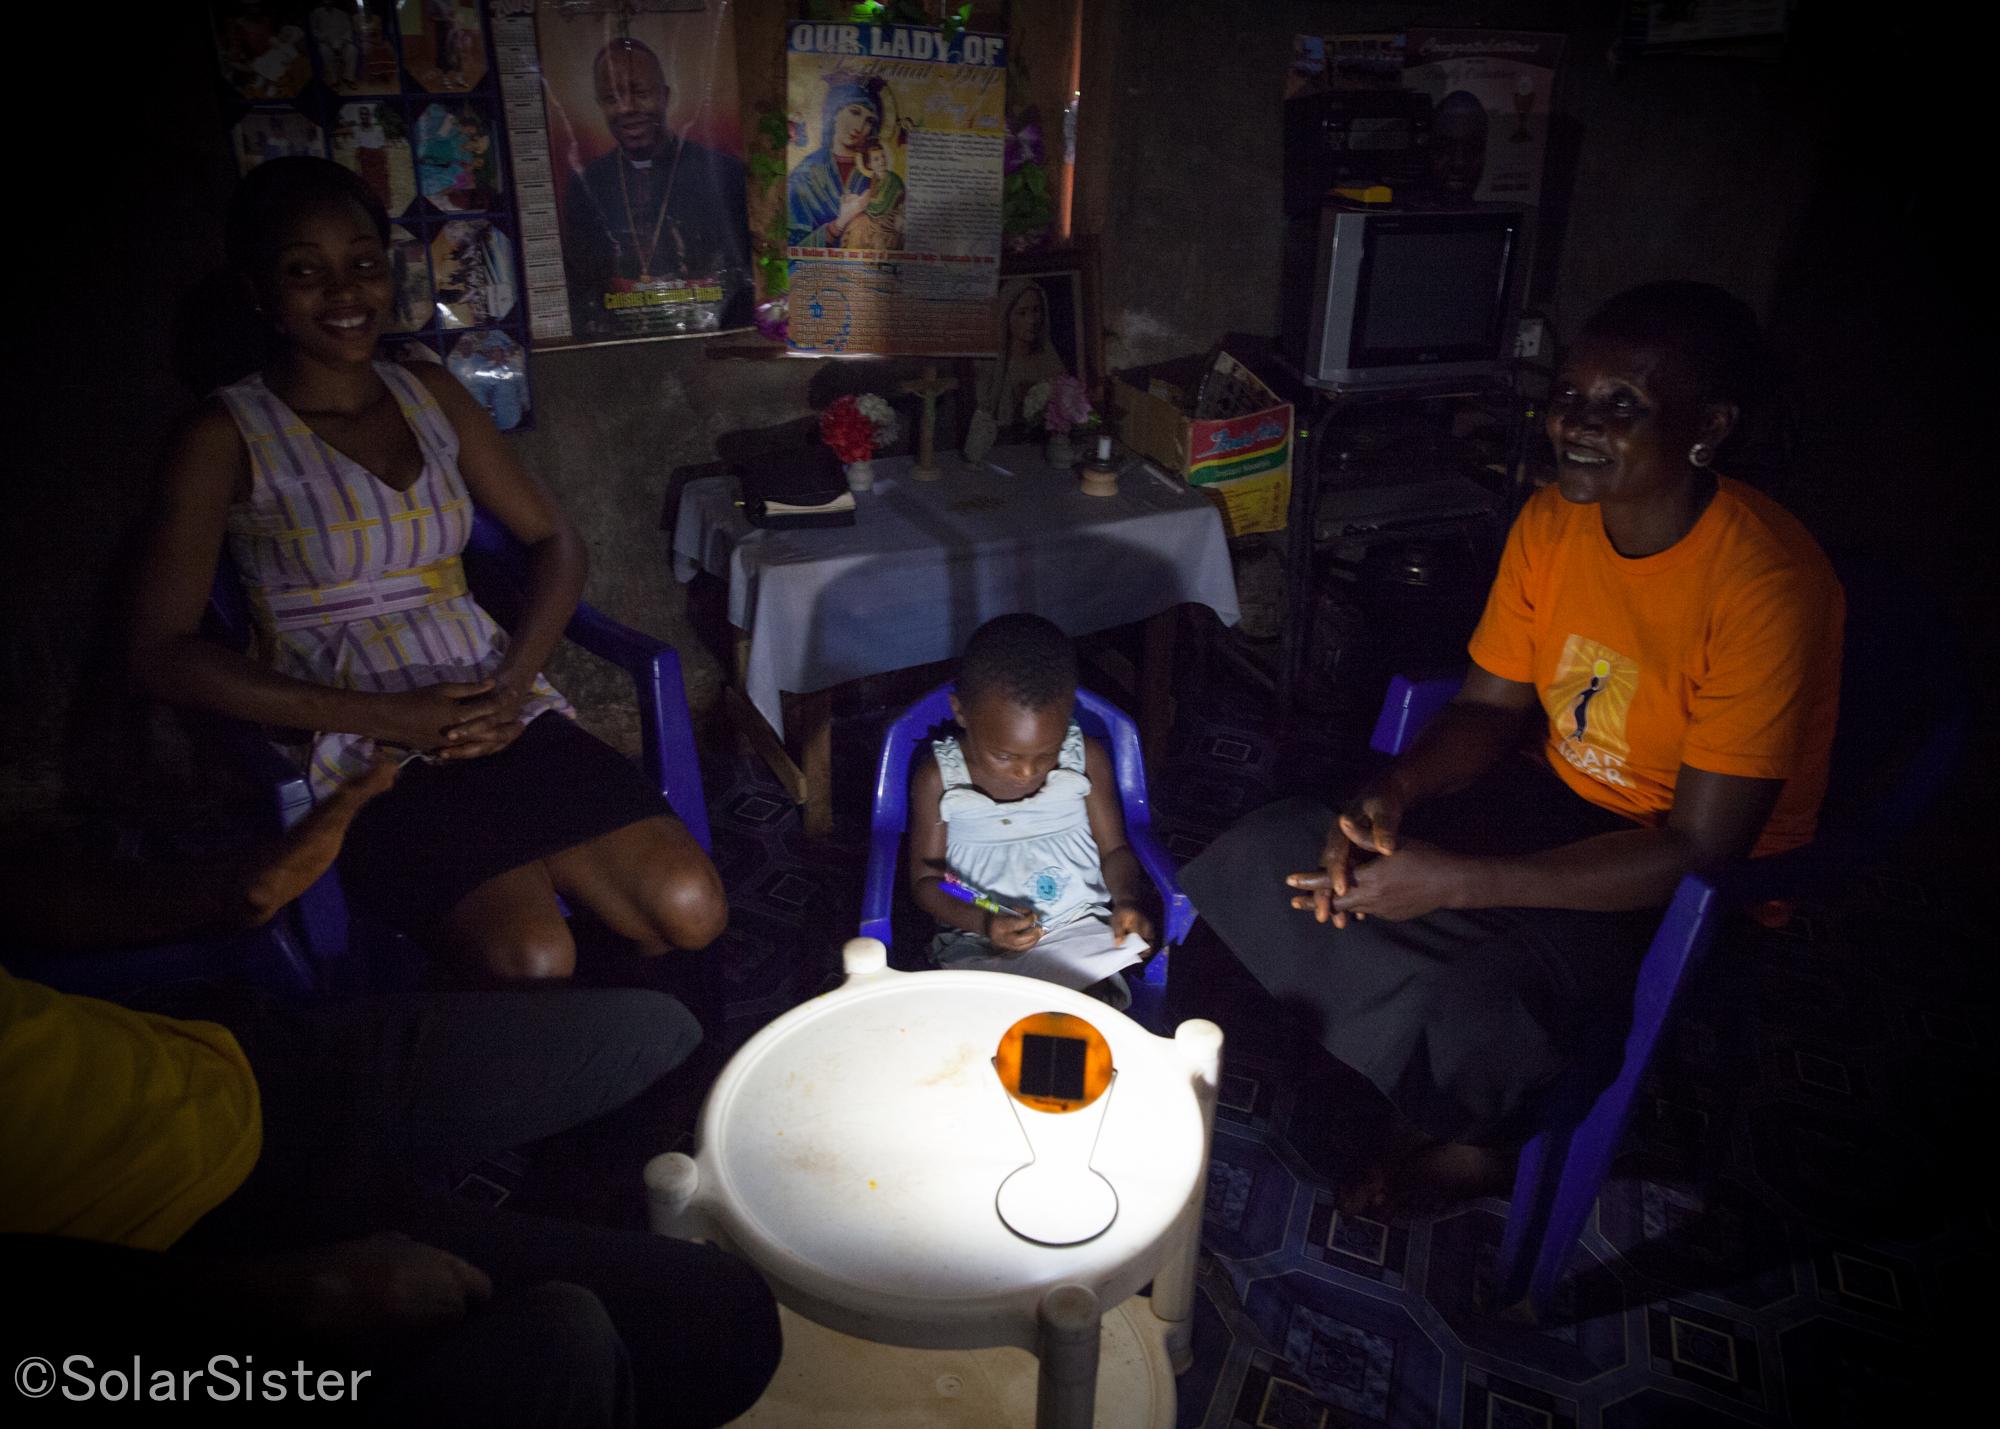 Eucharia discute avec ses voisins pendant que sa petite fille dessine à la lumière d'une lampe solaire (crédits: Solar Sister / Flickr Creative Commons Attribution-NonCommercial-NoDerivs 2.0 Generic (CC BY-NC-ND 2.0))